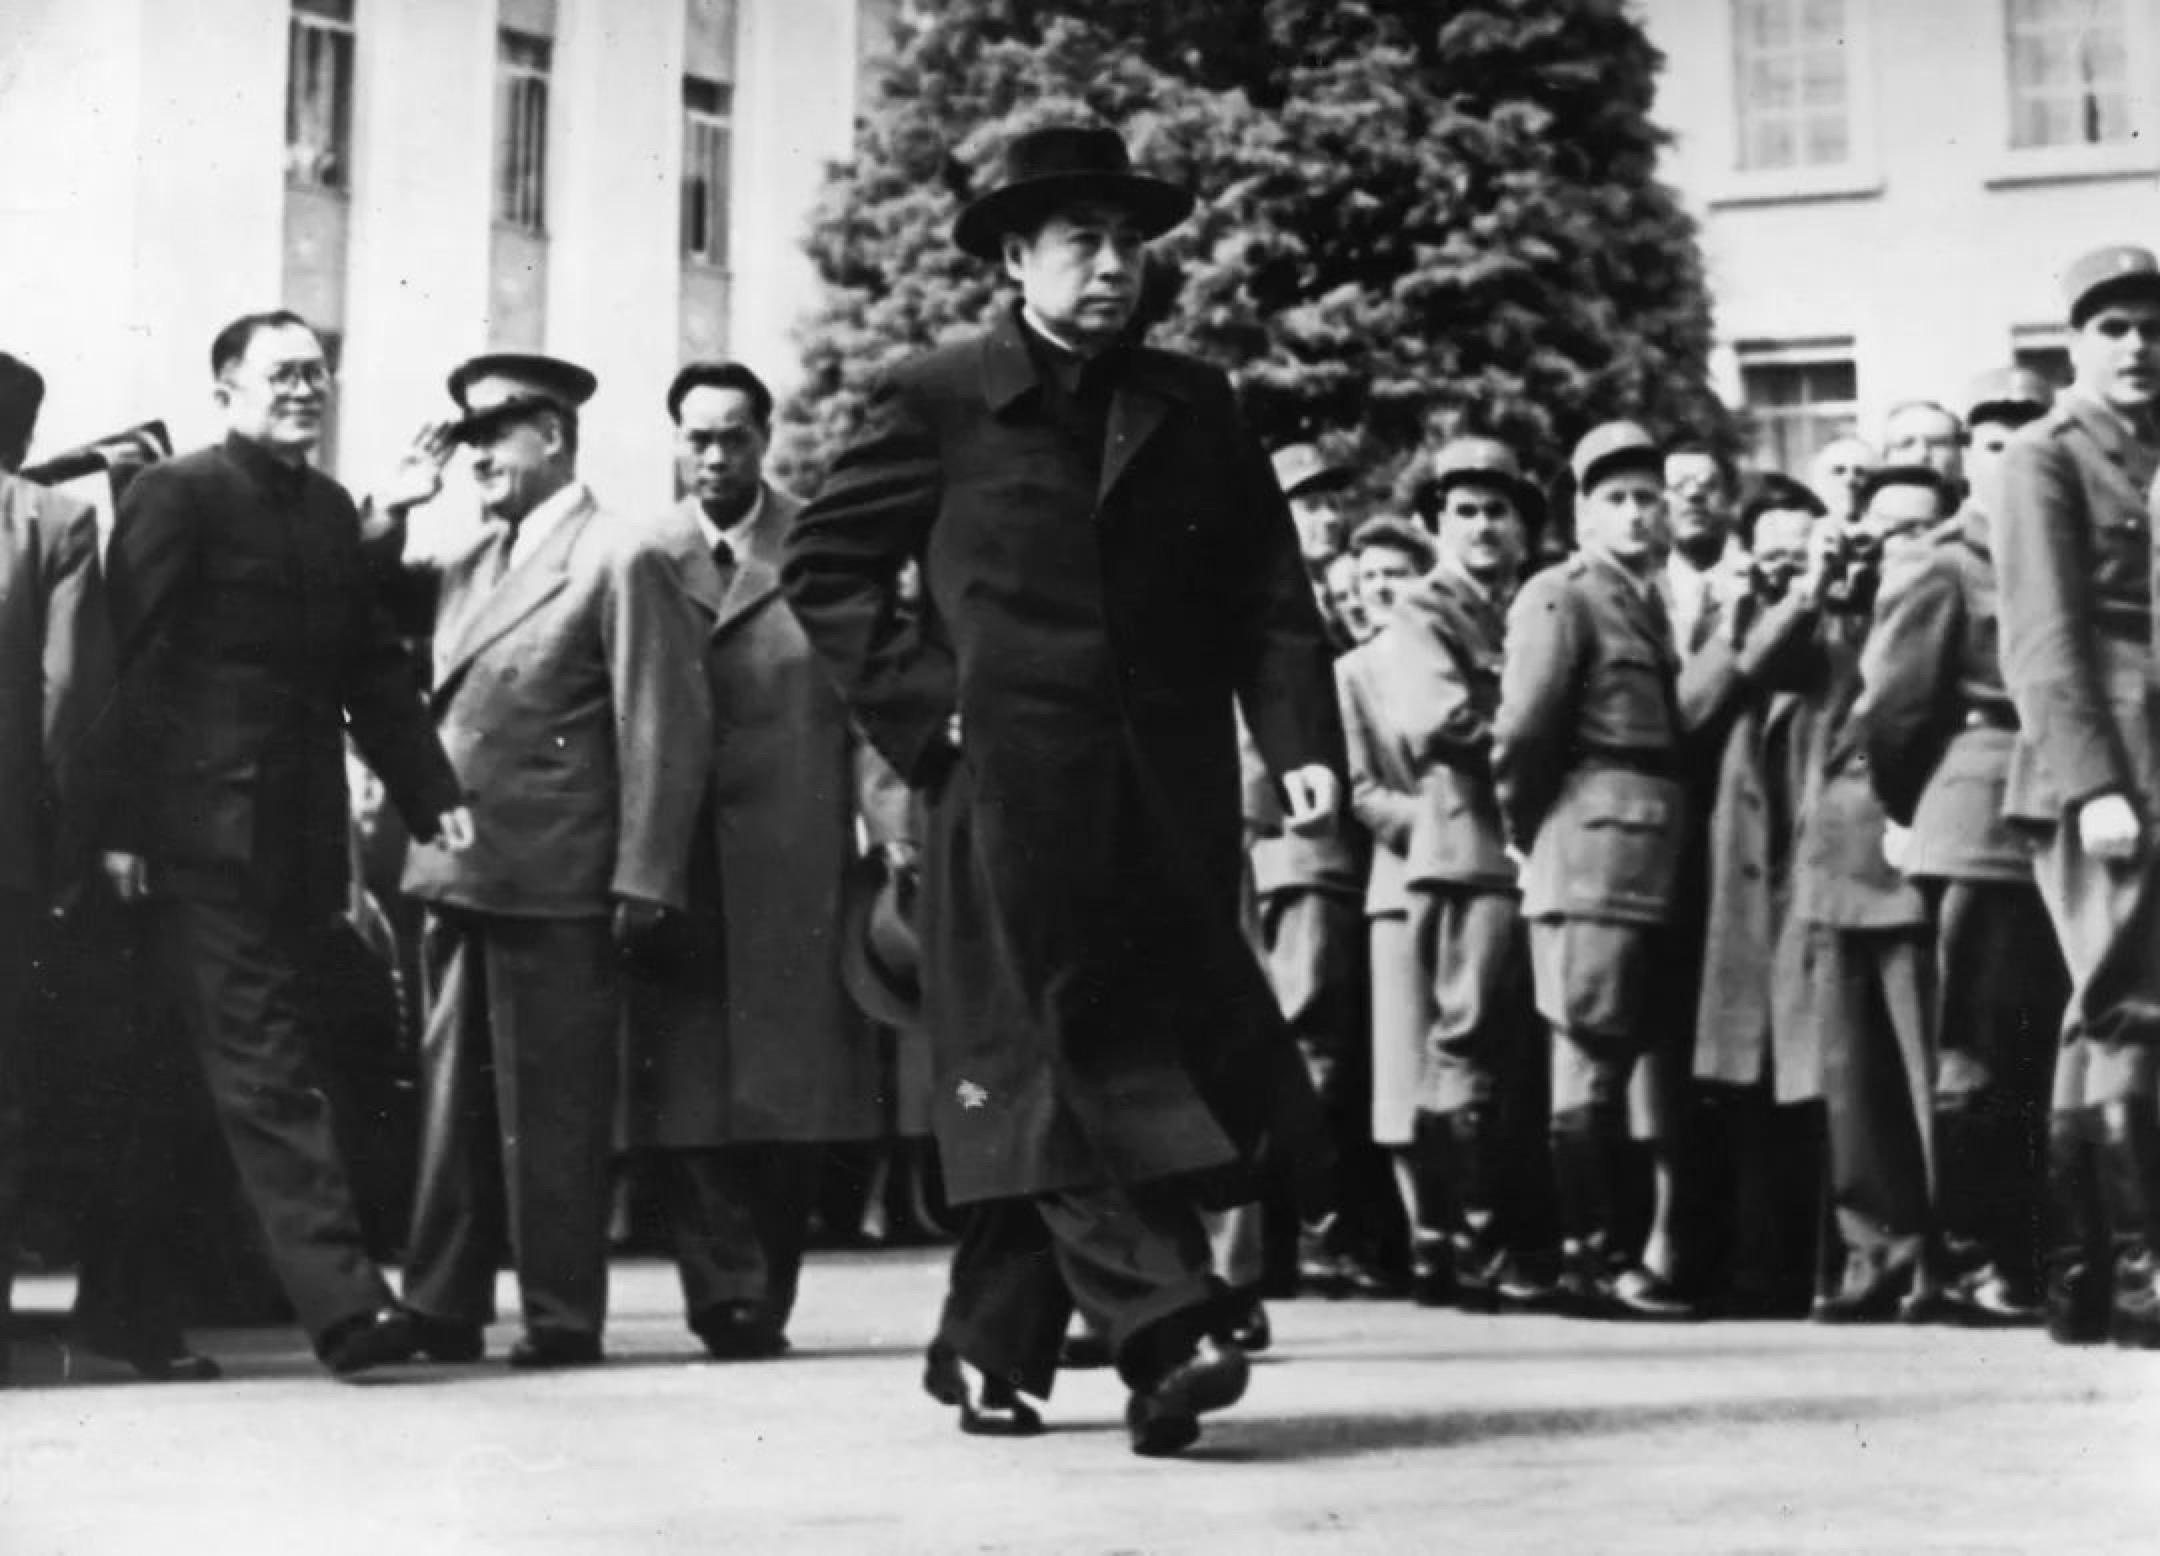 告慰您, 以一个更好的中国!-2019年1月8日,是周总理逝世43周年。